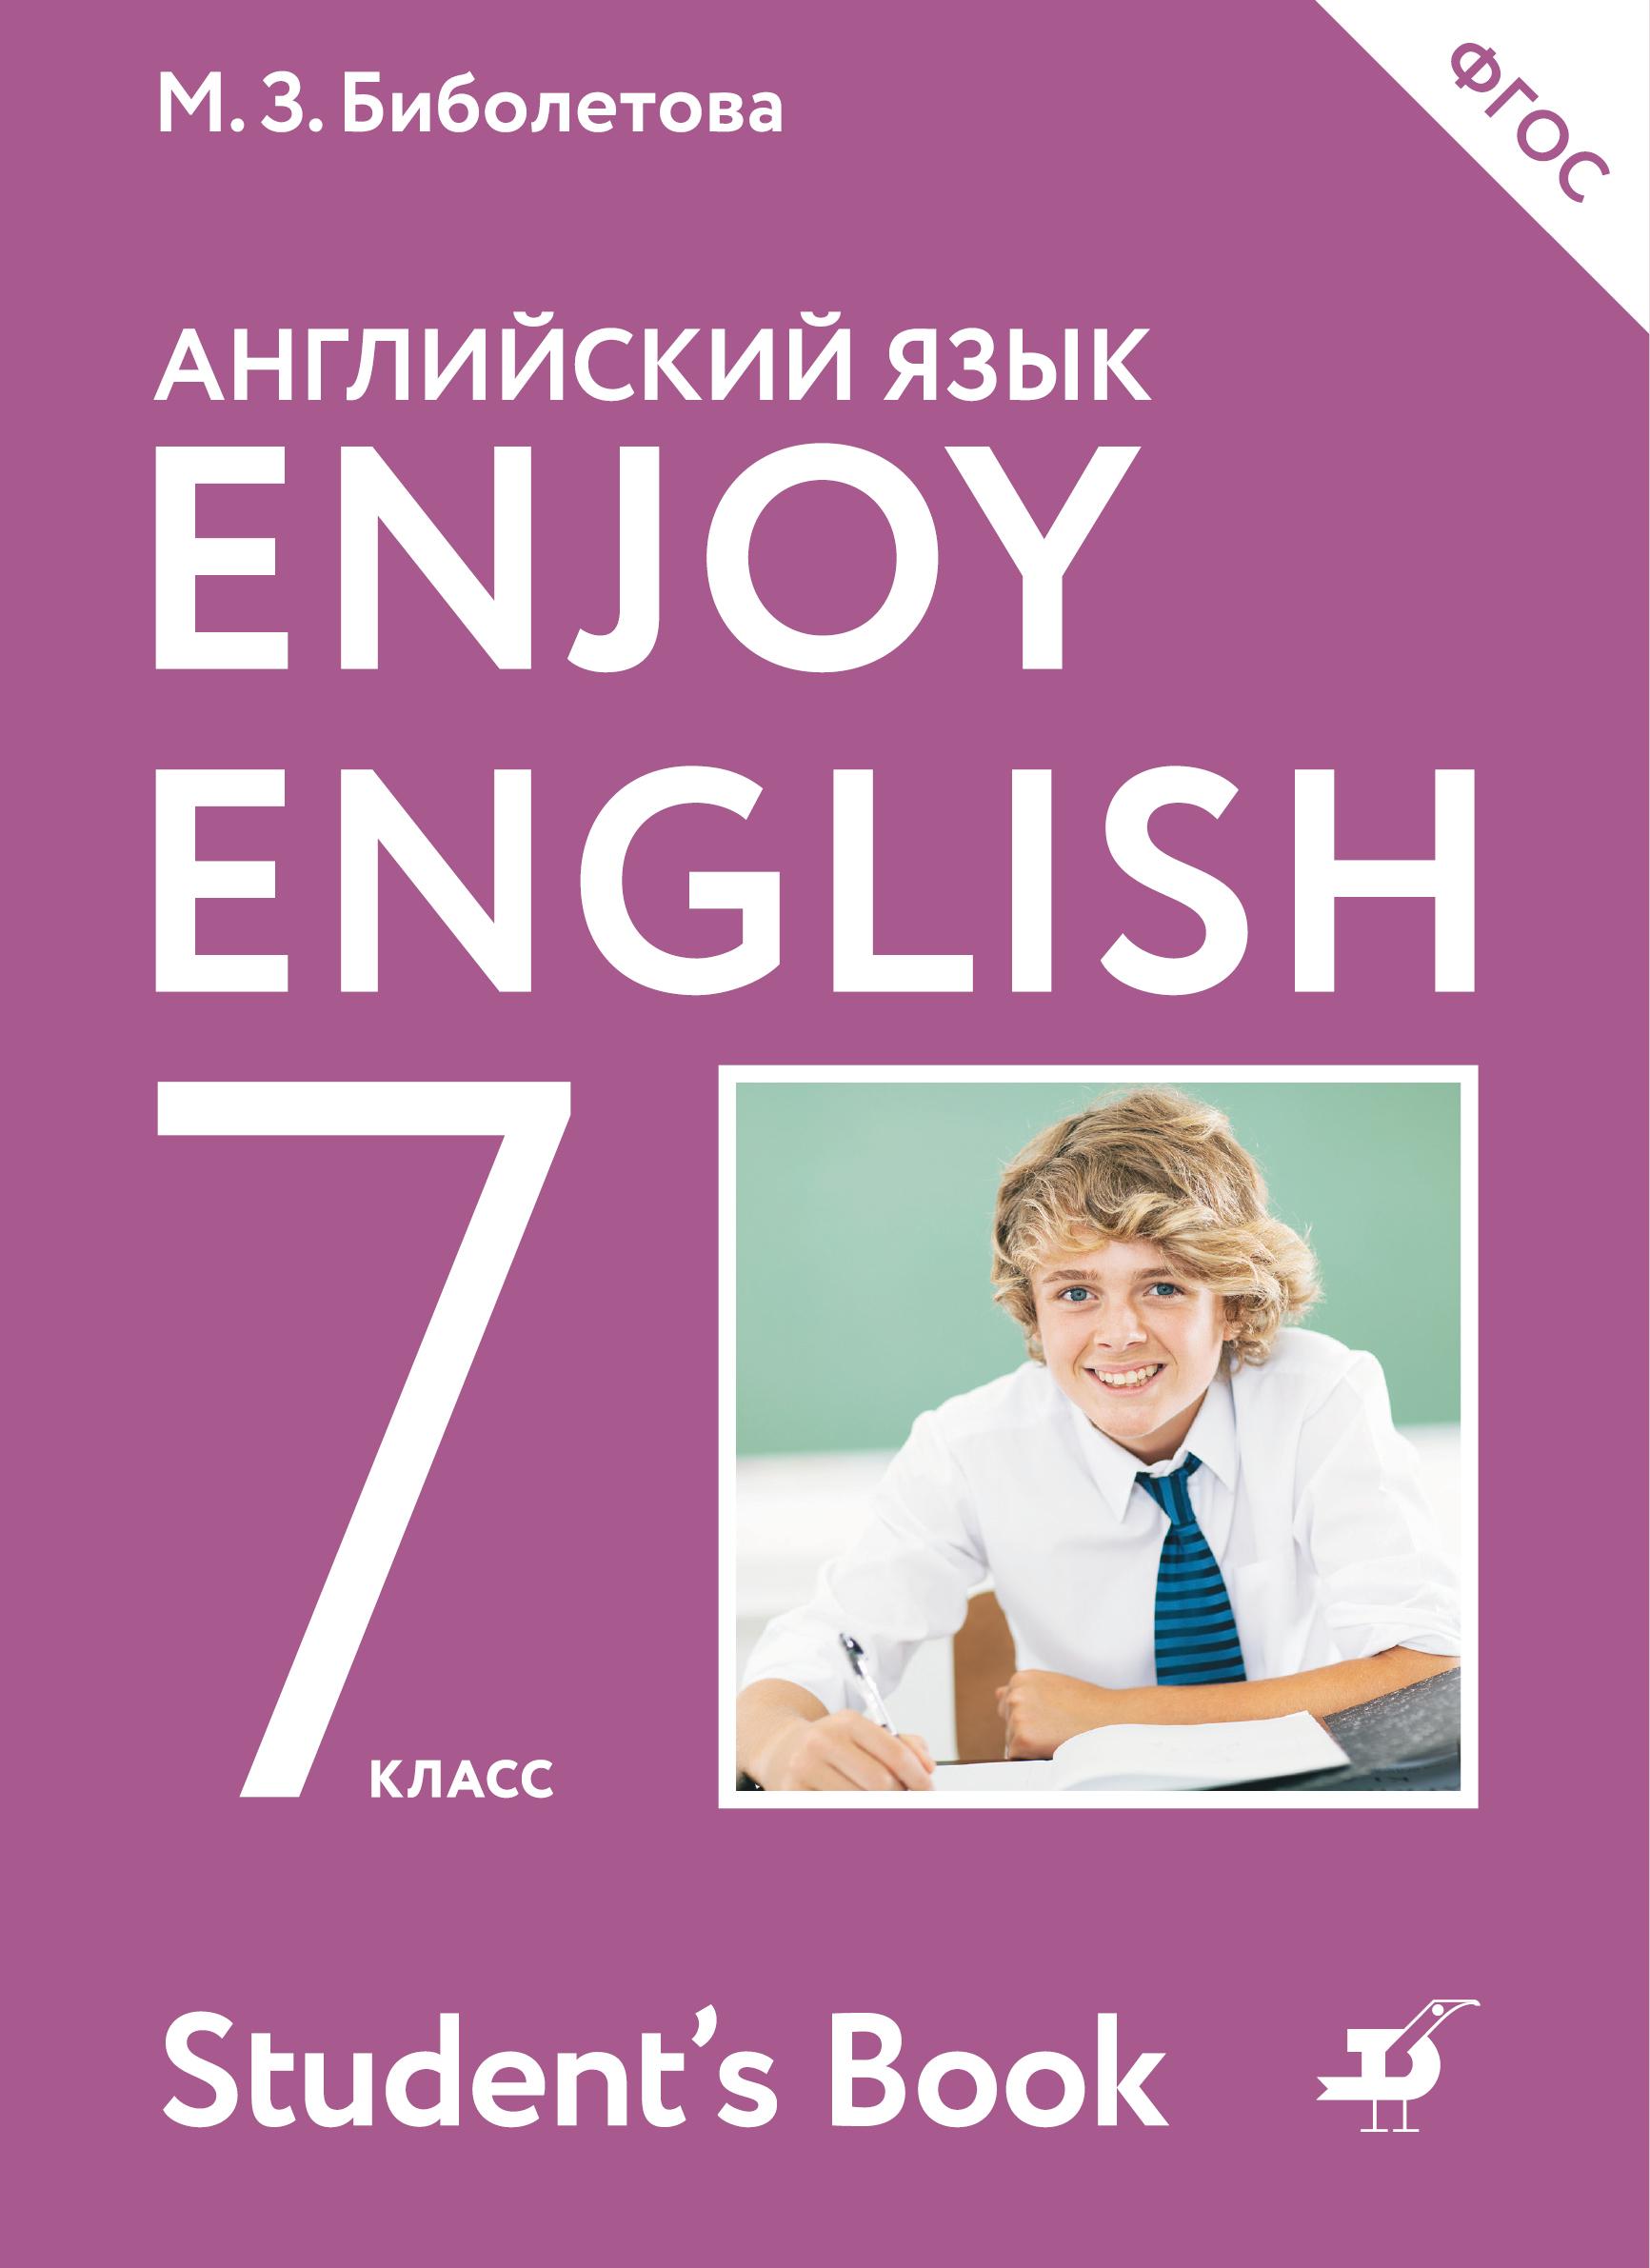 Enjoy English/Английский с удовольствием. 7 класс. Учебник ( Биболетова М.З., Трубанева Н.Н.  )